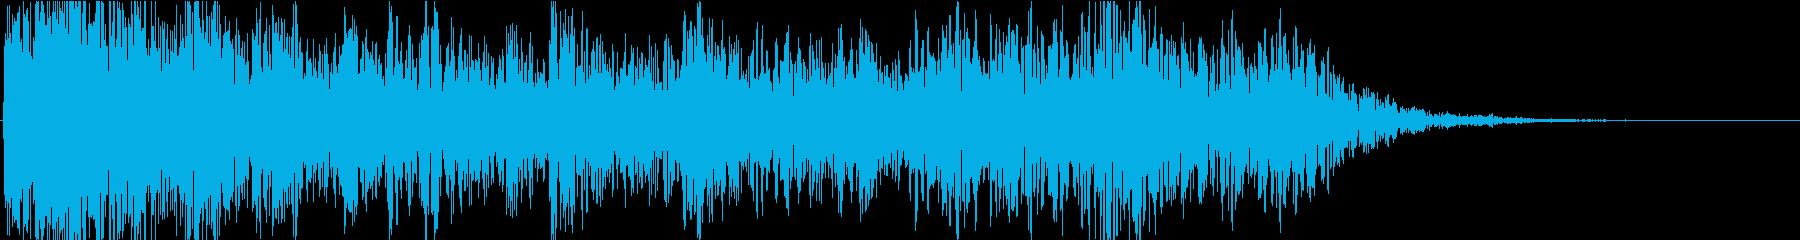 ドーン・ドカーン(雷が轟く音)の再生済みの波形